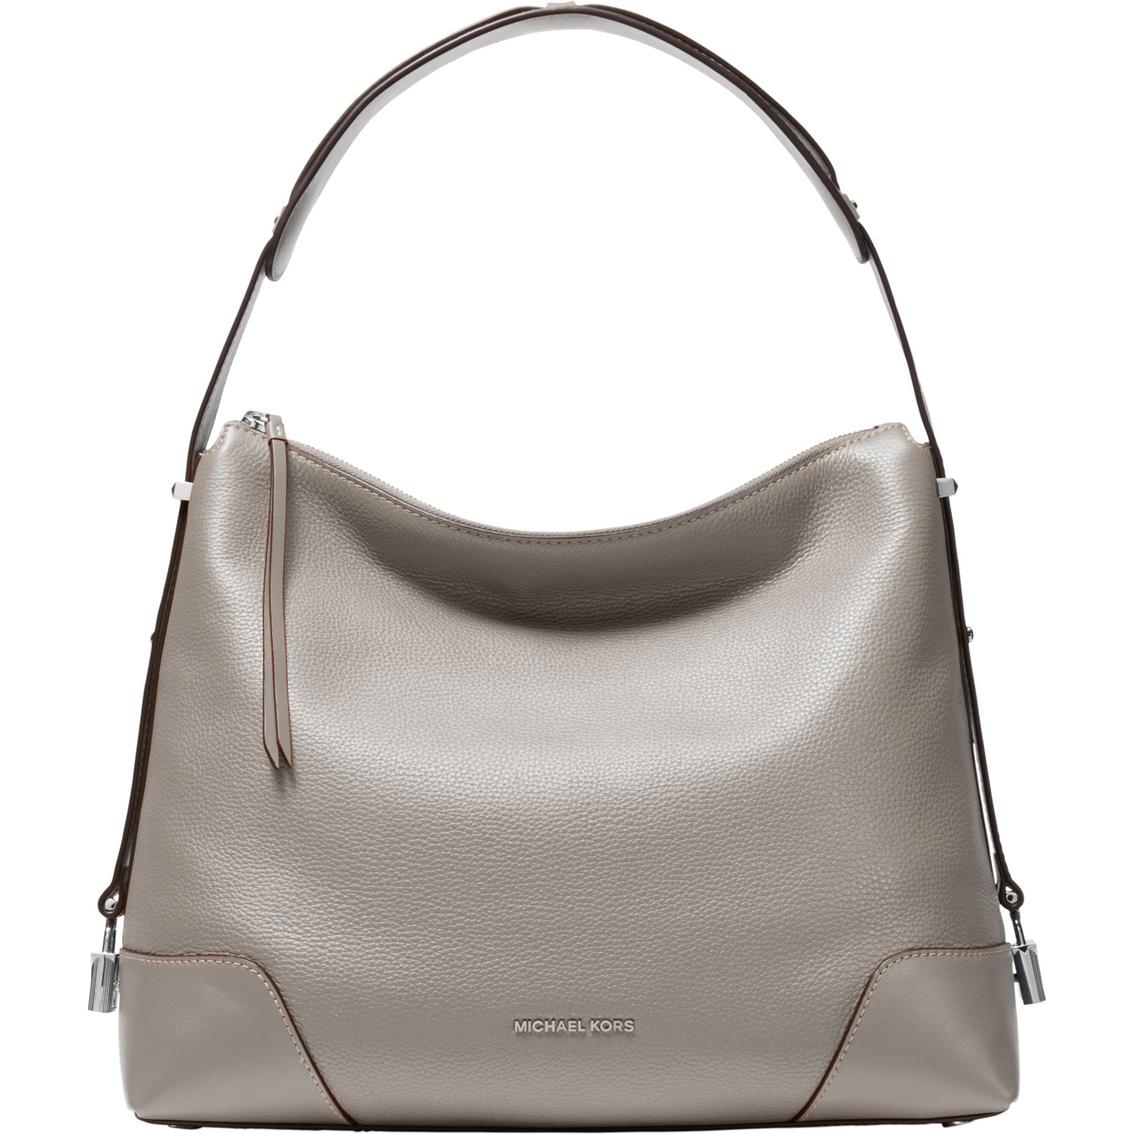 389a73846f11 Michael Kors Crosby Shoulder Bag